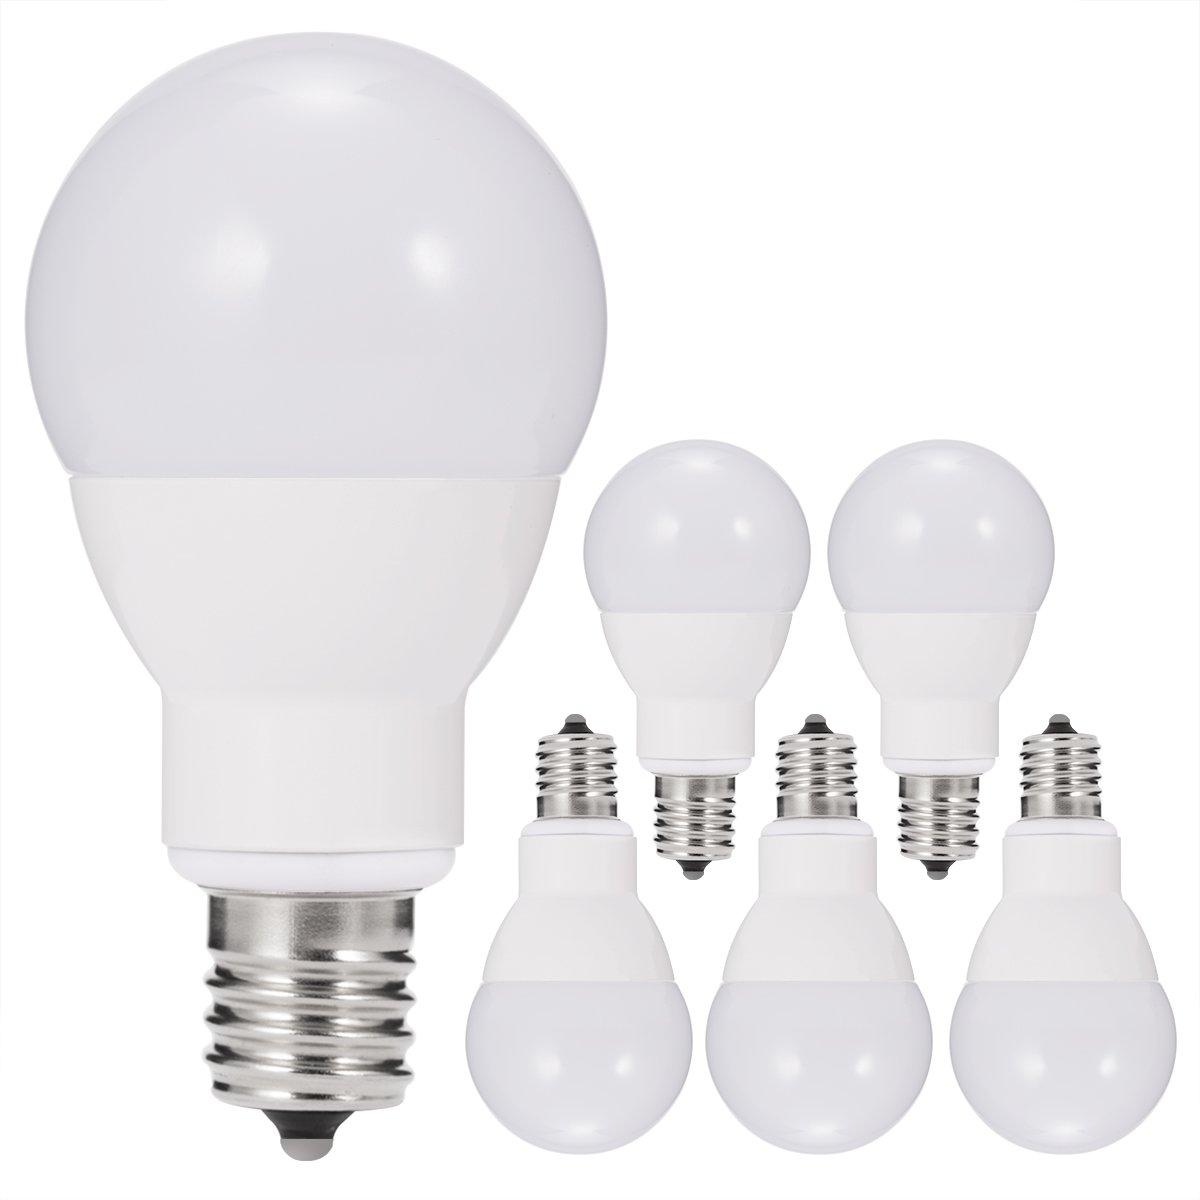 JandCase E17 Globe Light Bulbs, 40W Equivalent, 5W, 450 Lumens, Natural Daylight White 4000K, Slender G14 LED Bulbs for Ceiling Fan, Headboard Reading Light, Intermediate E17 Base, 6 Pack